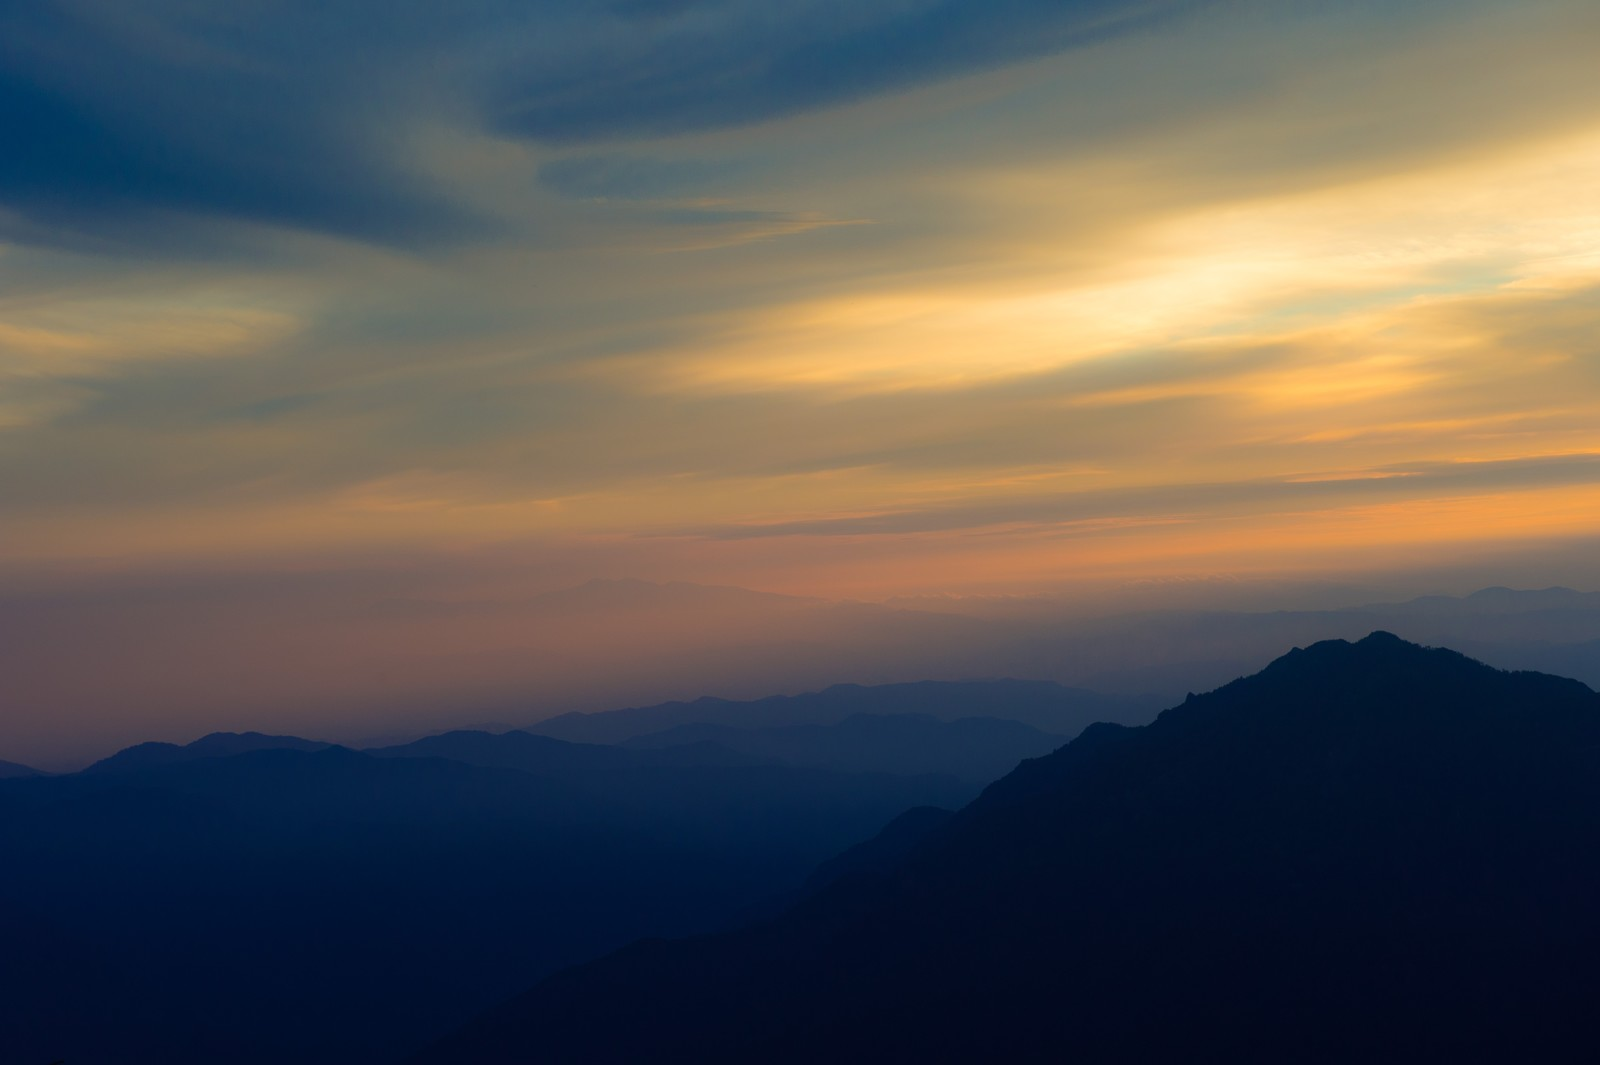 「郷愁感をがある夏の北アルプスの夕暮れと山のシルエット」の写真